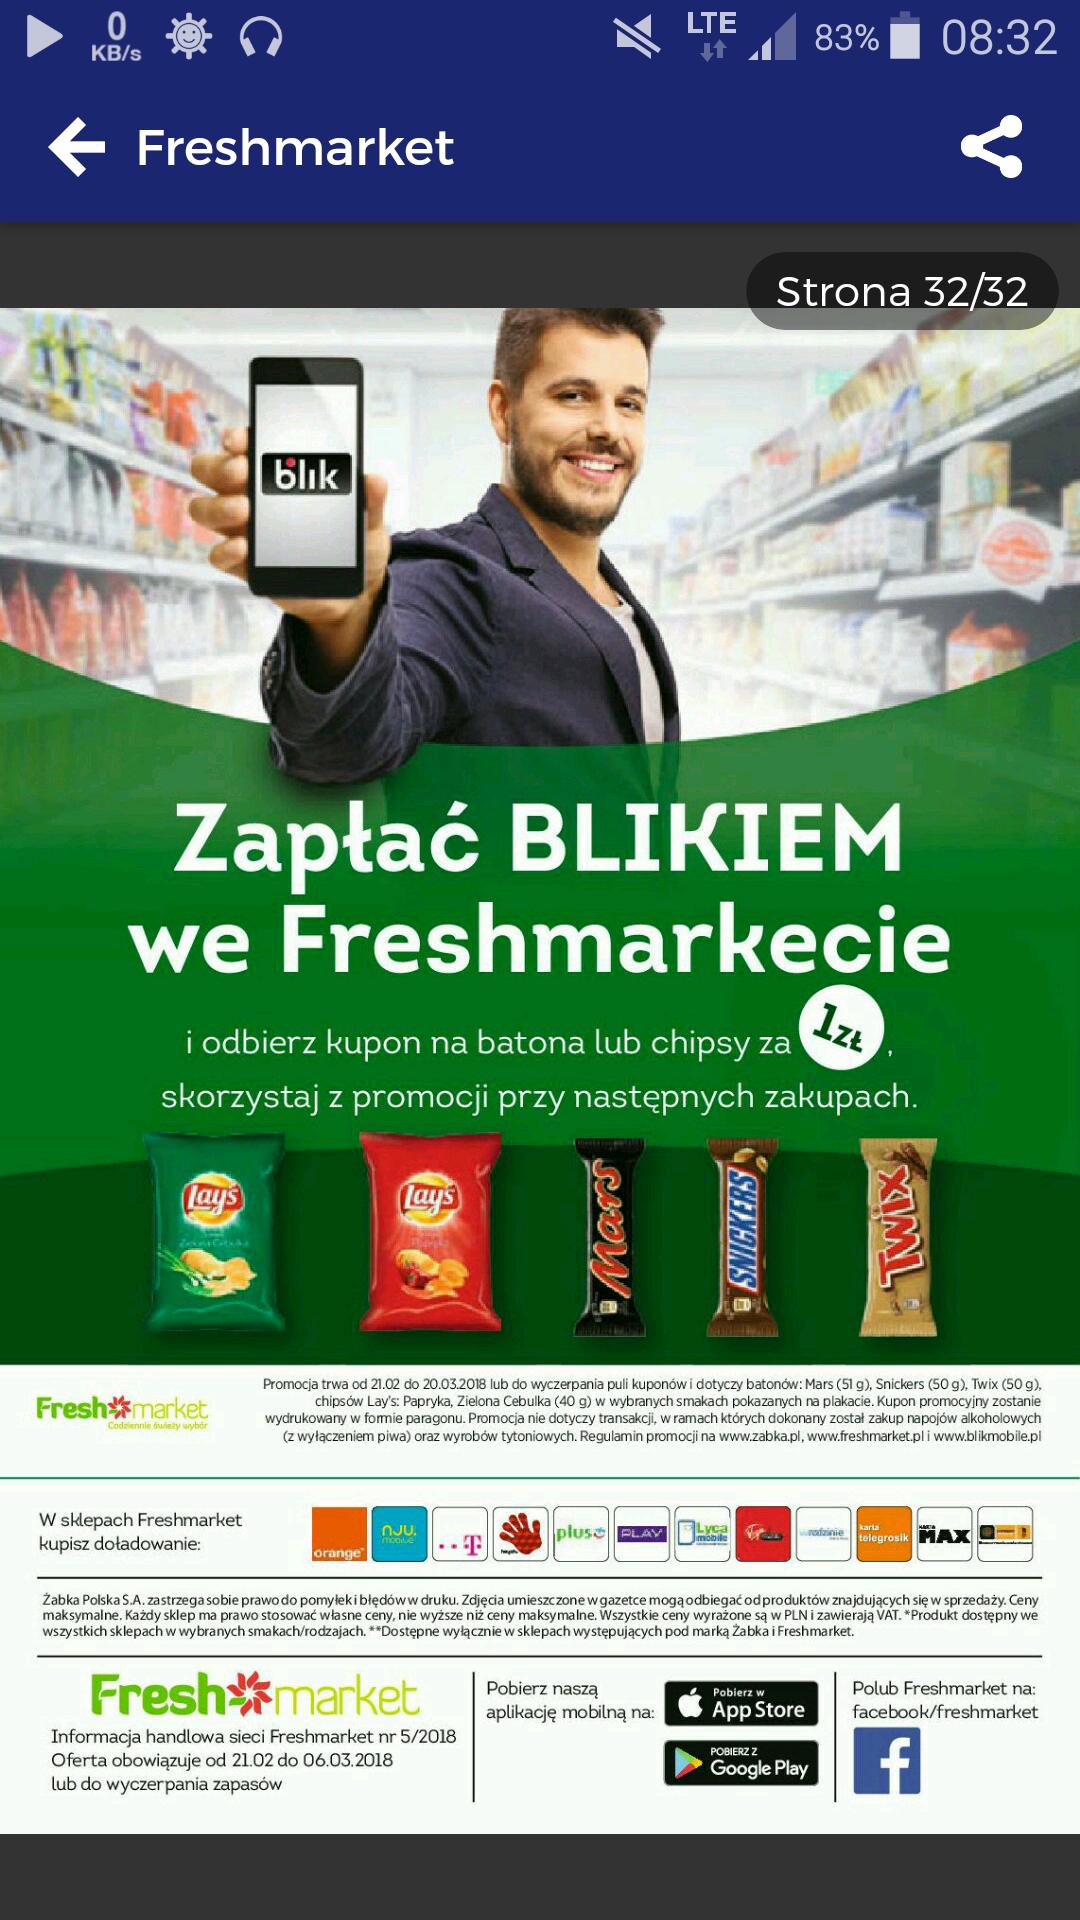 Freshmarket - kupon za płatność BLIKiem